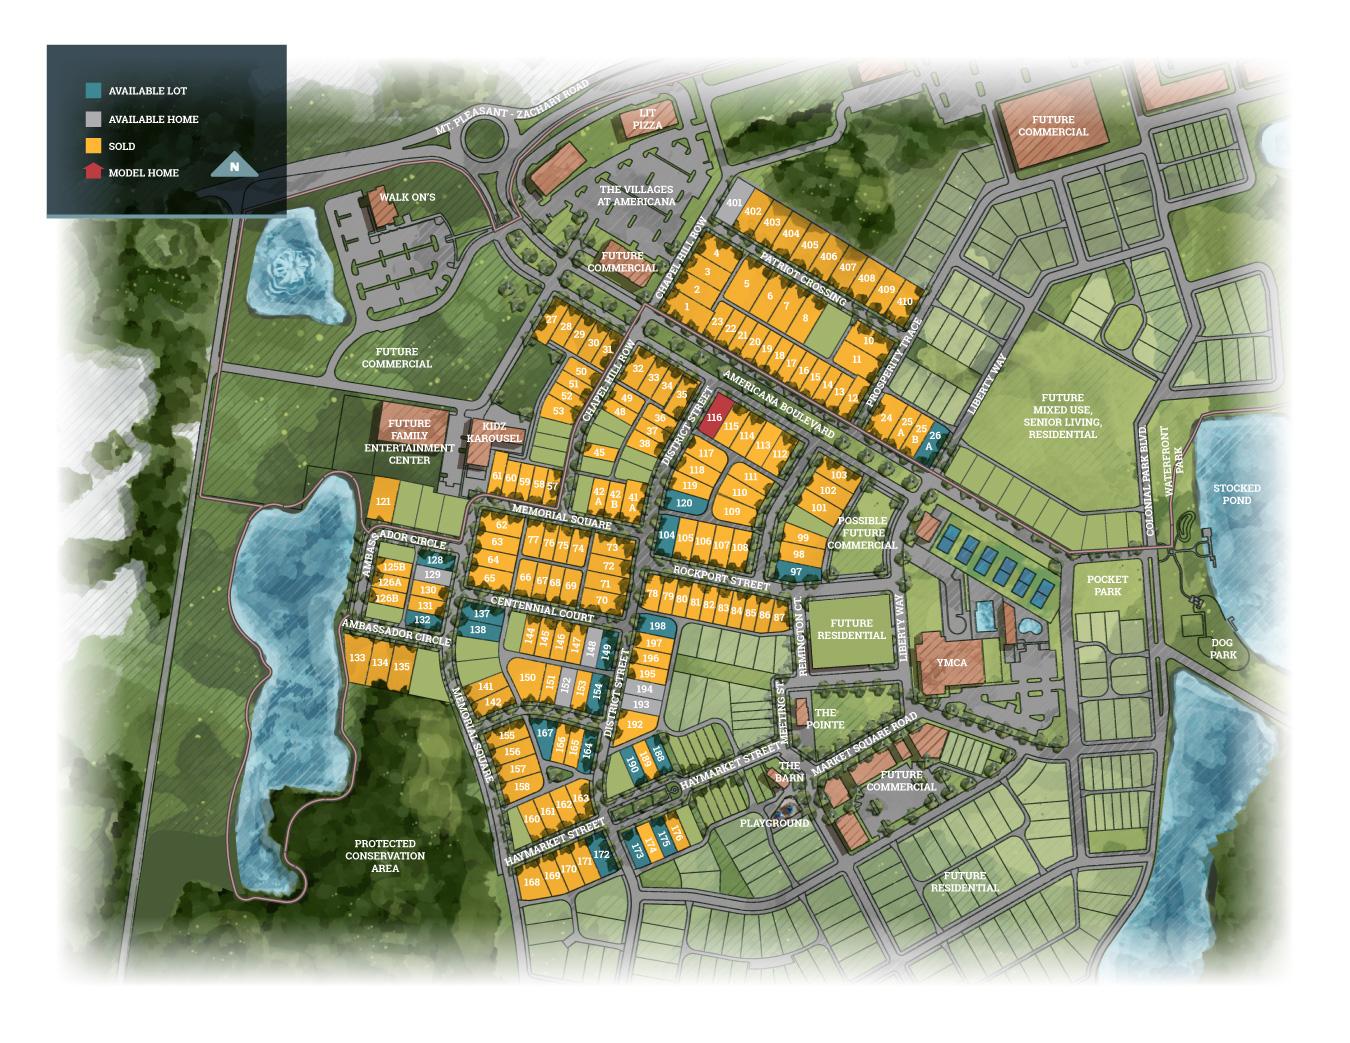 Zachary, LA Americana New Homes from Level Homes